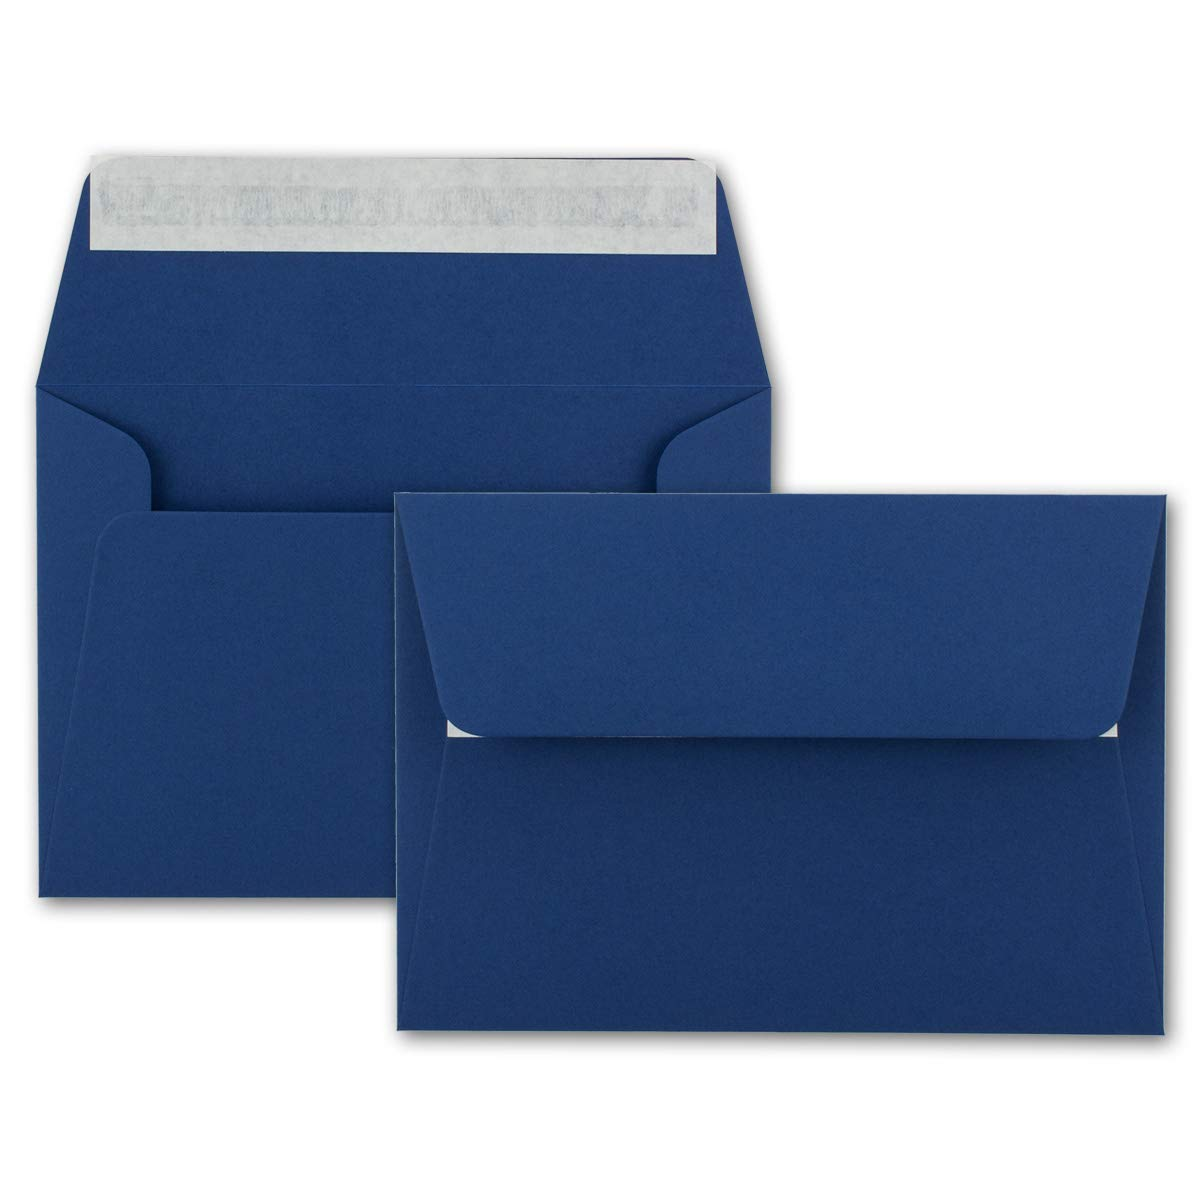 200x Brief-Umschläge B6 - - - Naturweiss - 12,5 x 17,5 cm - Haftklebung 120 g m² - breite edle Verschluss-Lasche - hochwertige Einladungs-Umschläge B078HDJSL3 | Trendy  8ef780